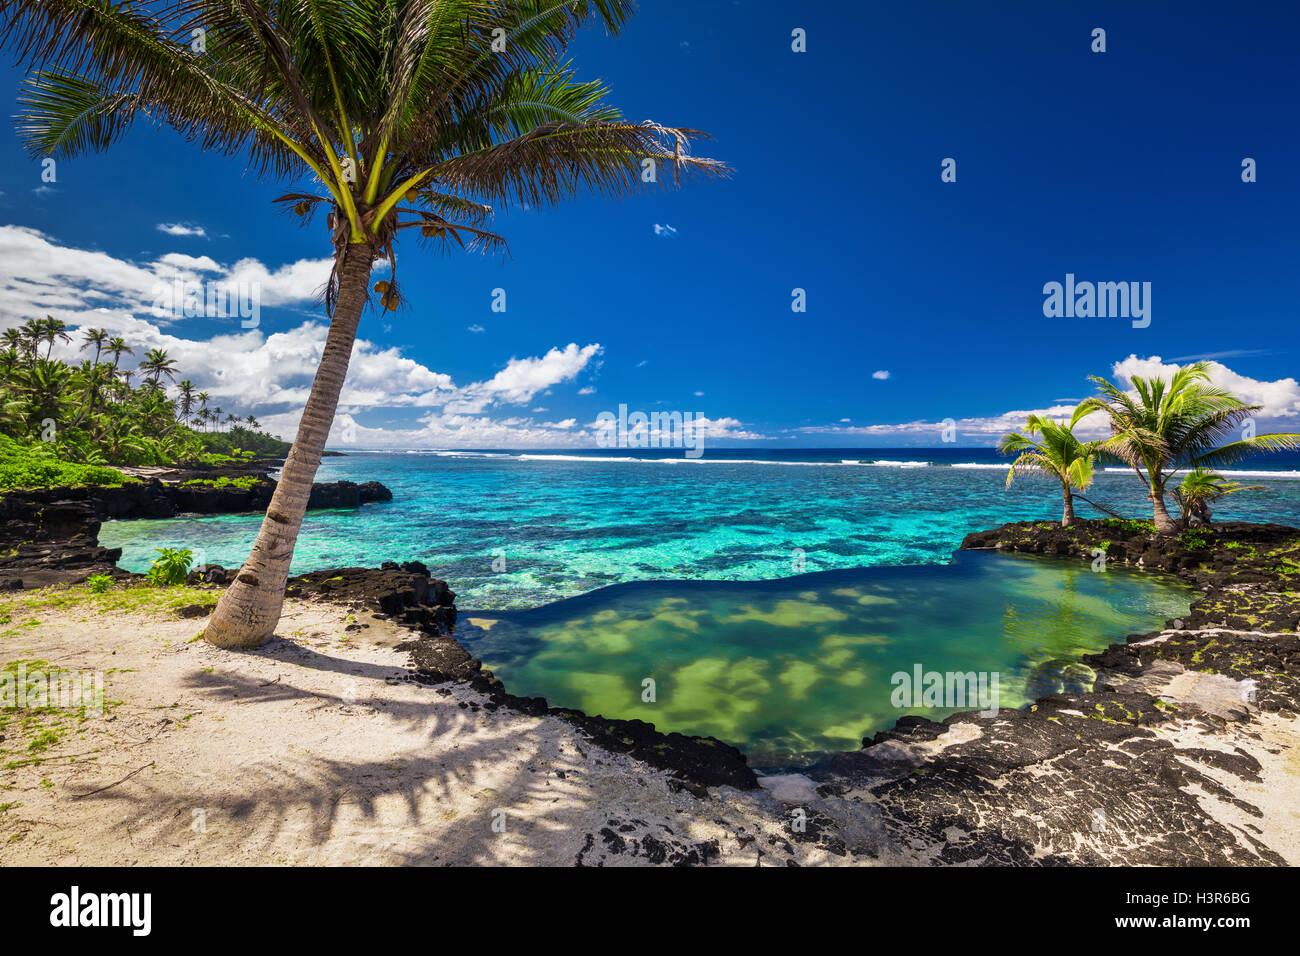 Infinity pool de roca natural con palmeras a lo largo de los océanos tropicales laguna Imagen De Stock